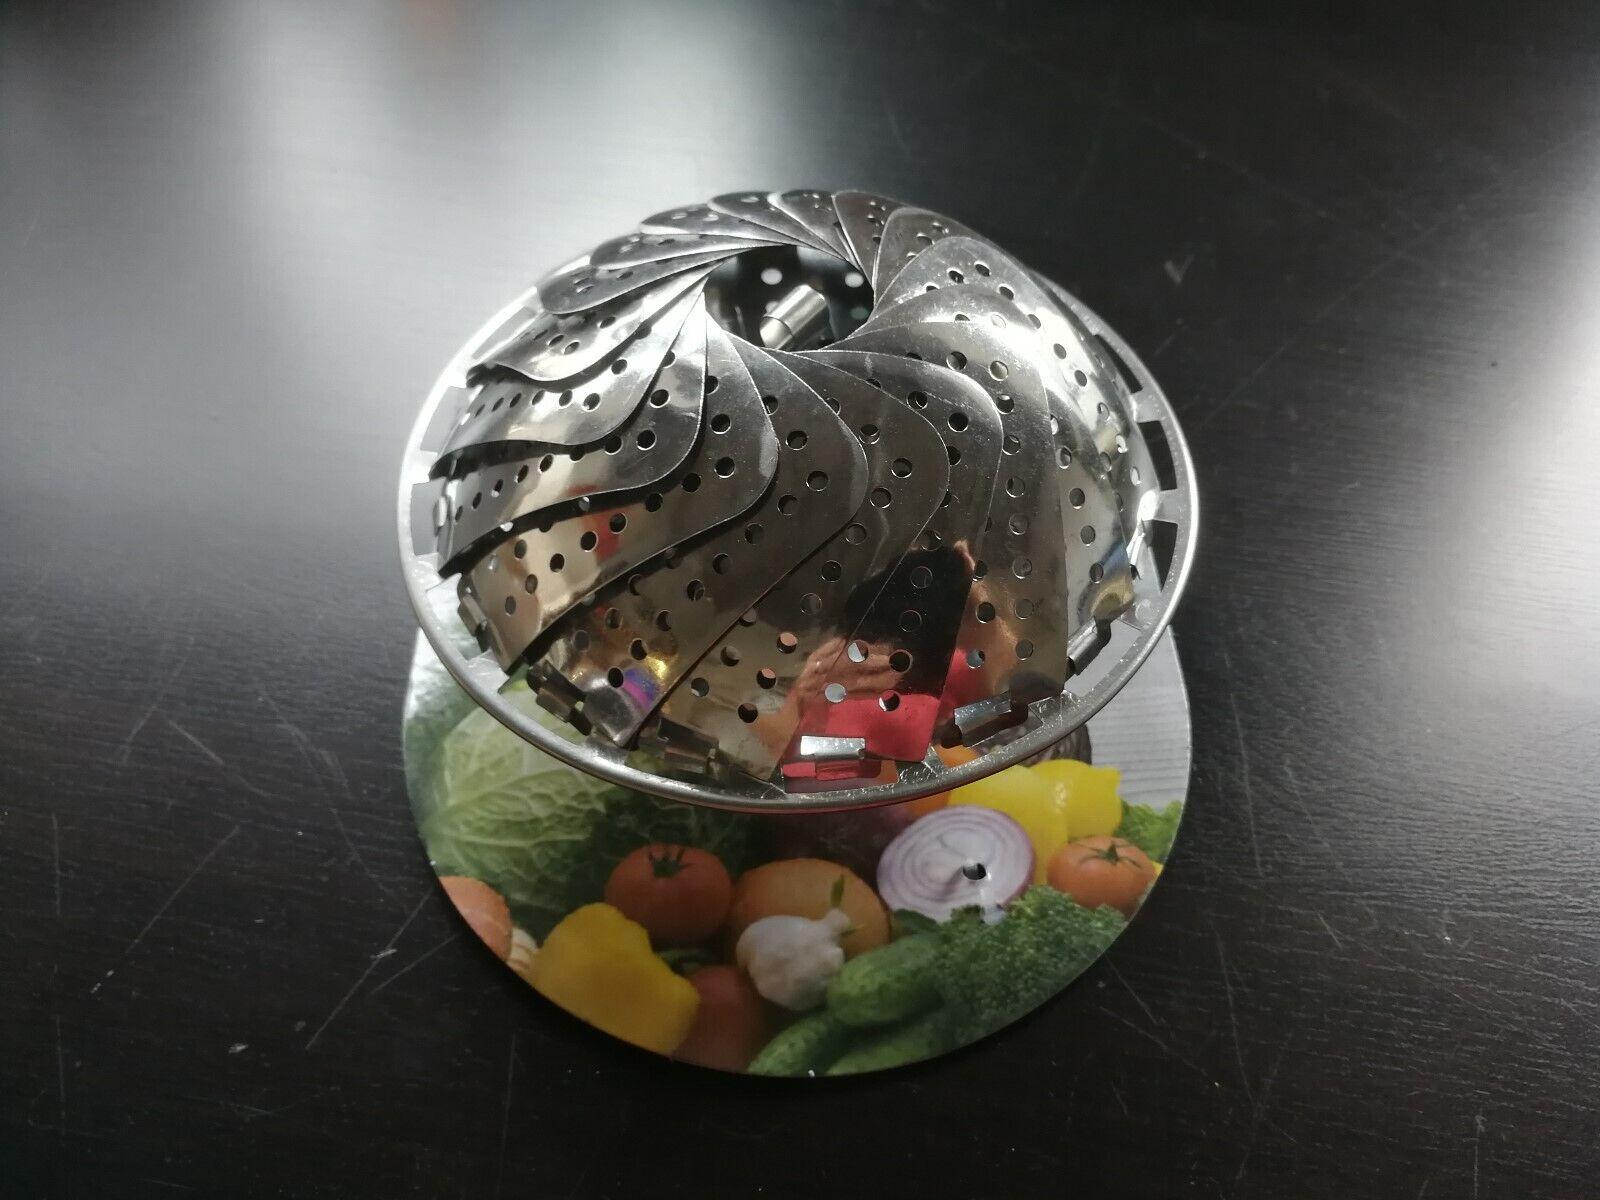 Dünsteinsatz Dämpfeinsatz Dampfgarer Einsatz faltbar Dünster garen NEU Metall